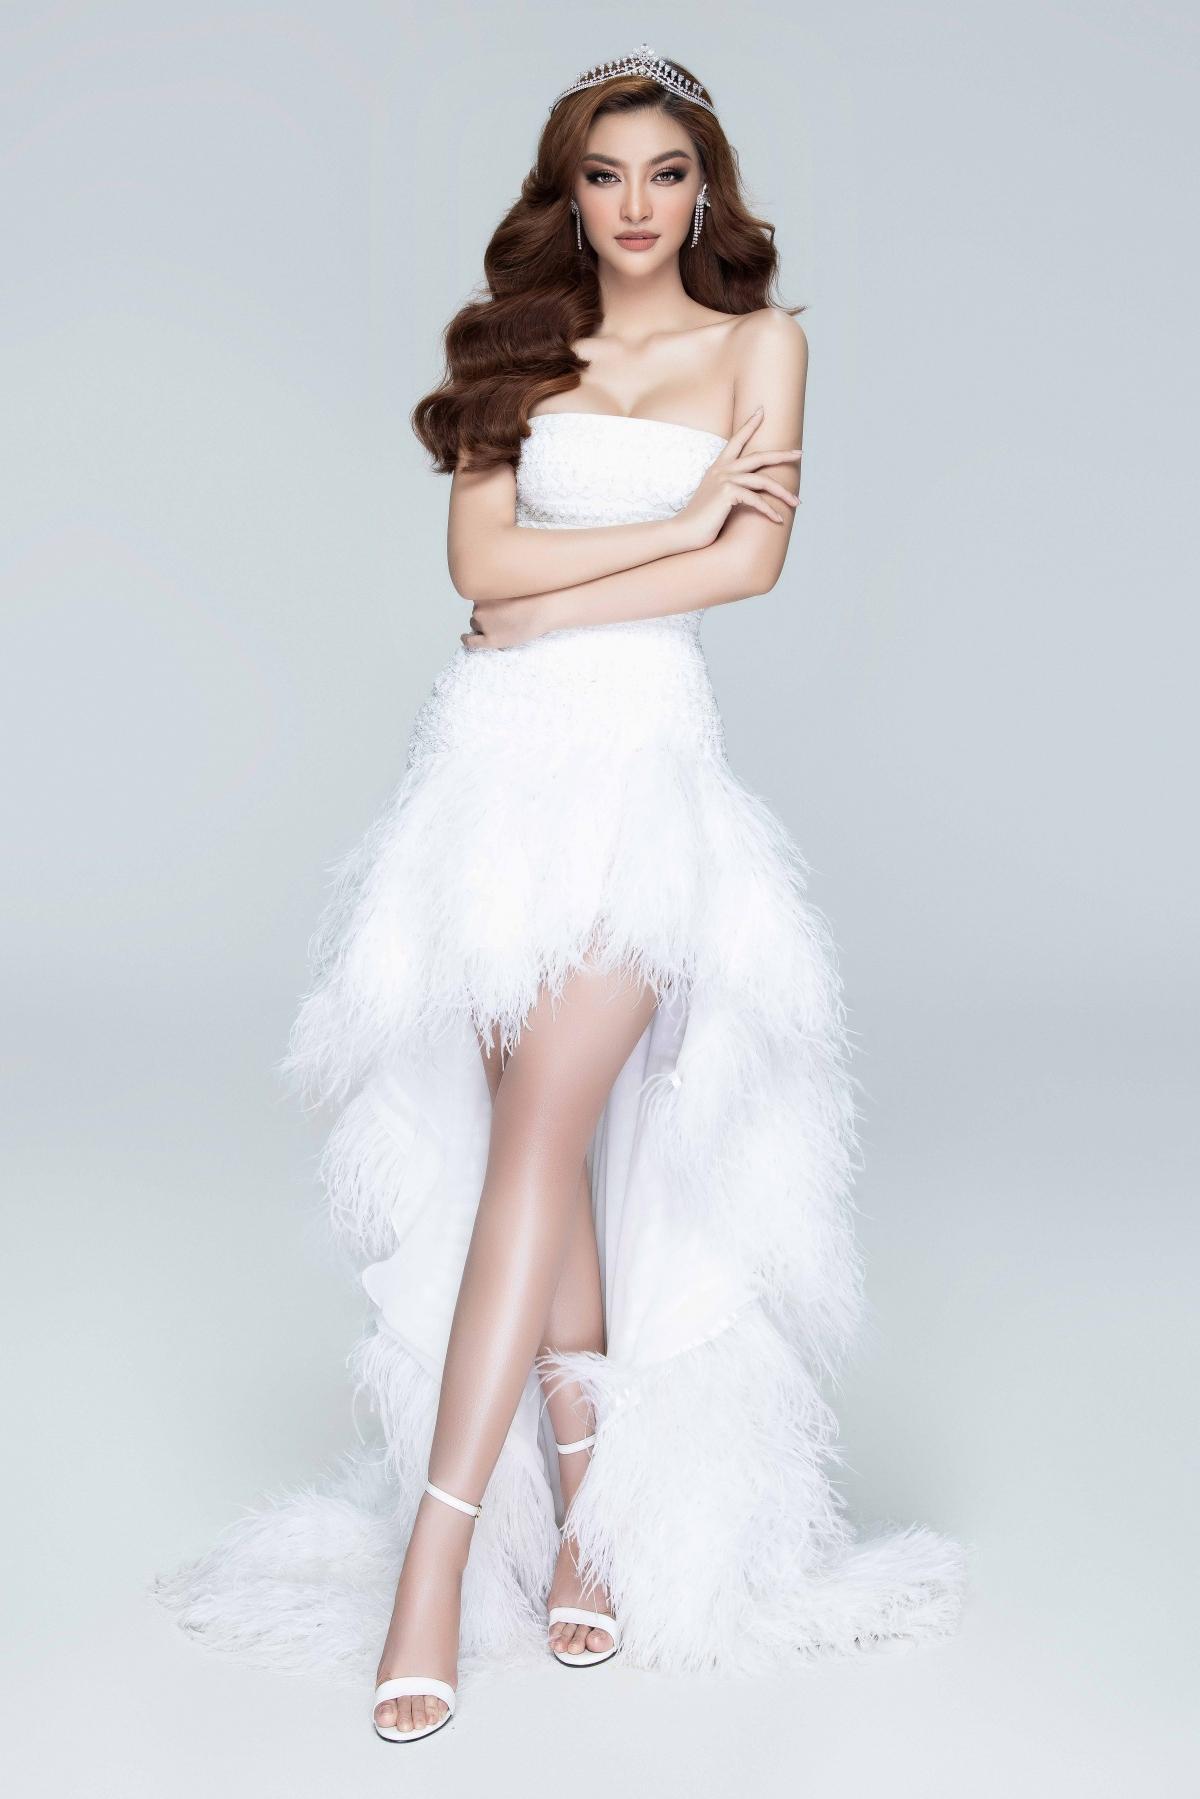 Được đánh giá cao về tài năng tại cuộc thi Miss World Vietnam 2019, Kiều Loan đã thử sức bản thân ở nhiều lĩnh vực khác nhau sau khi đăng quang ngôi vị Á hậu.